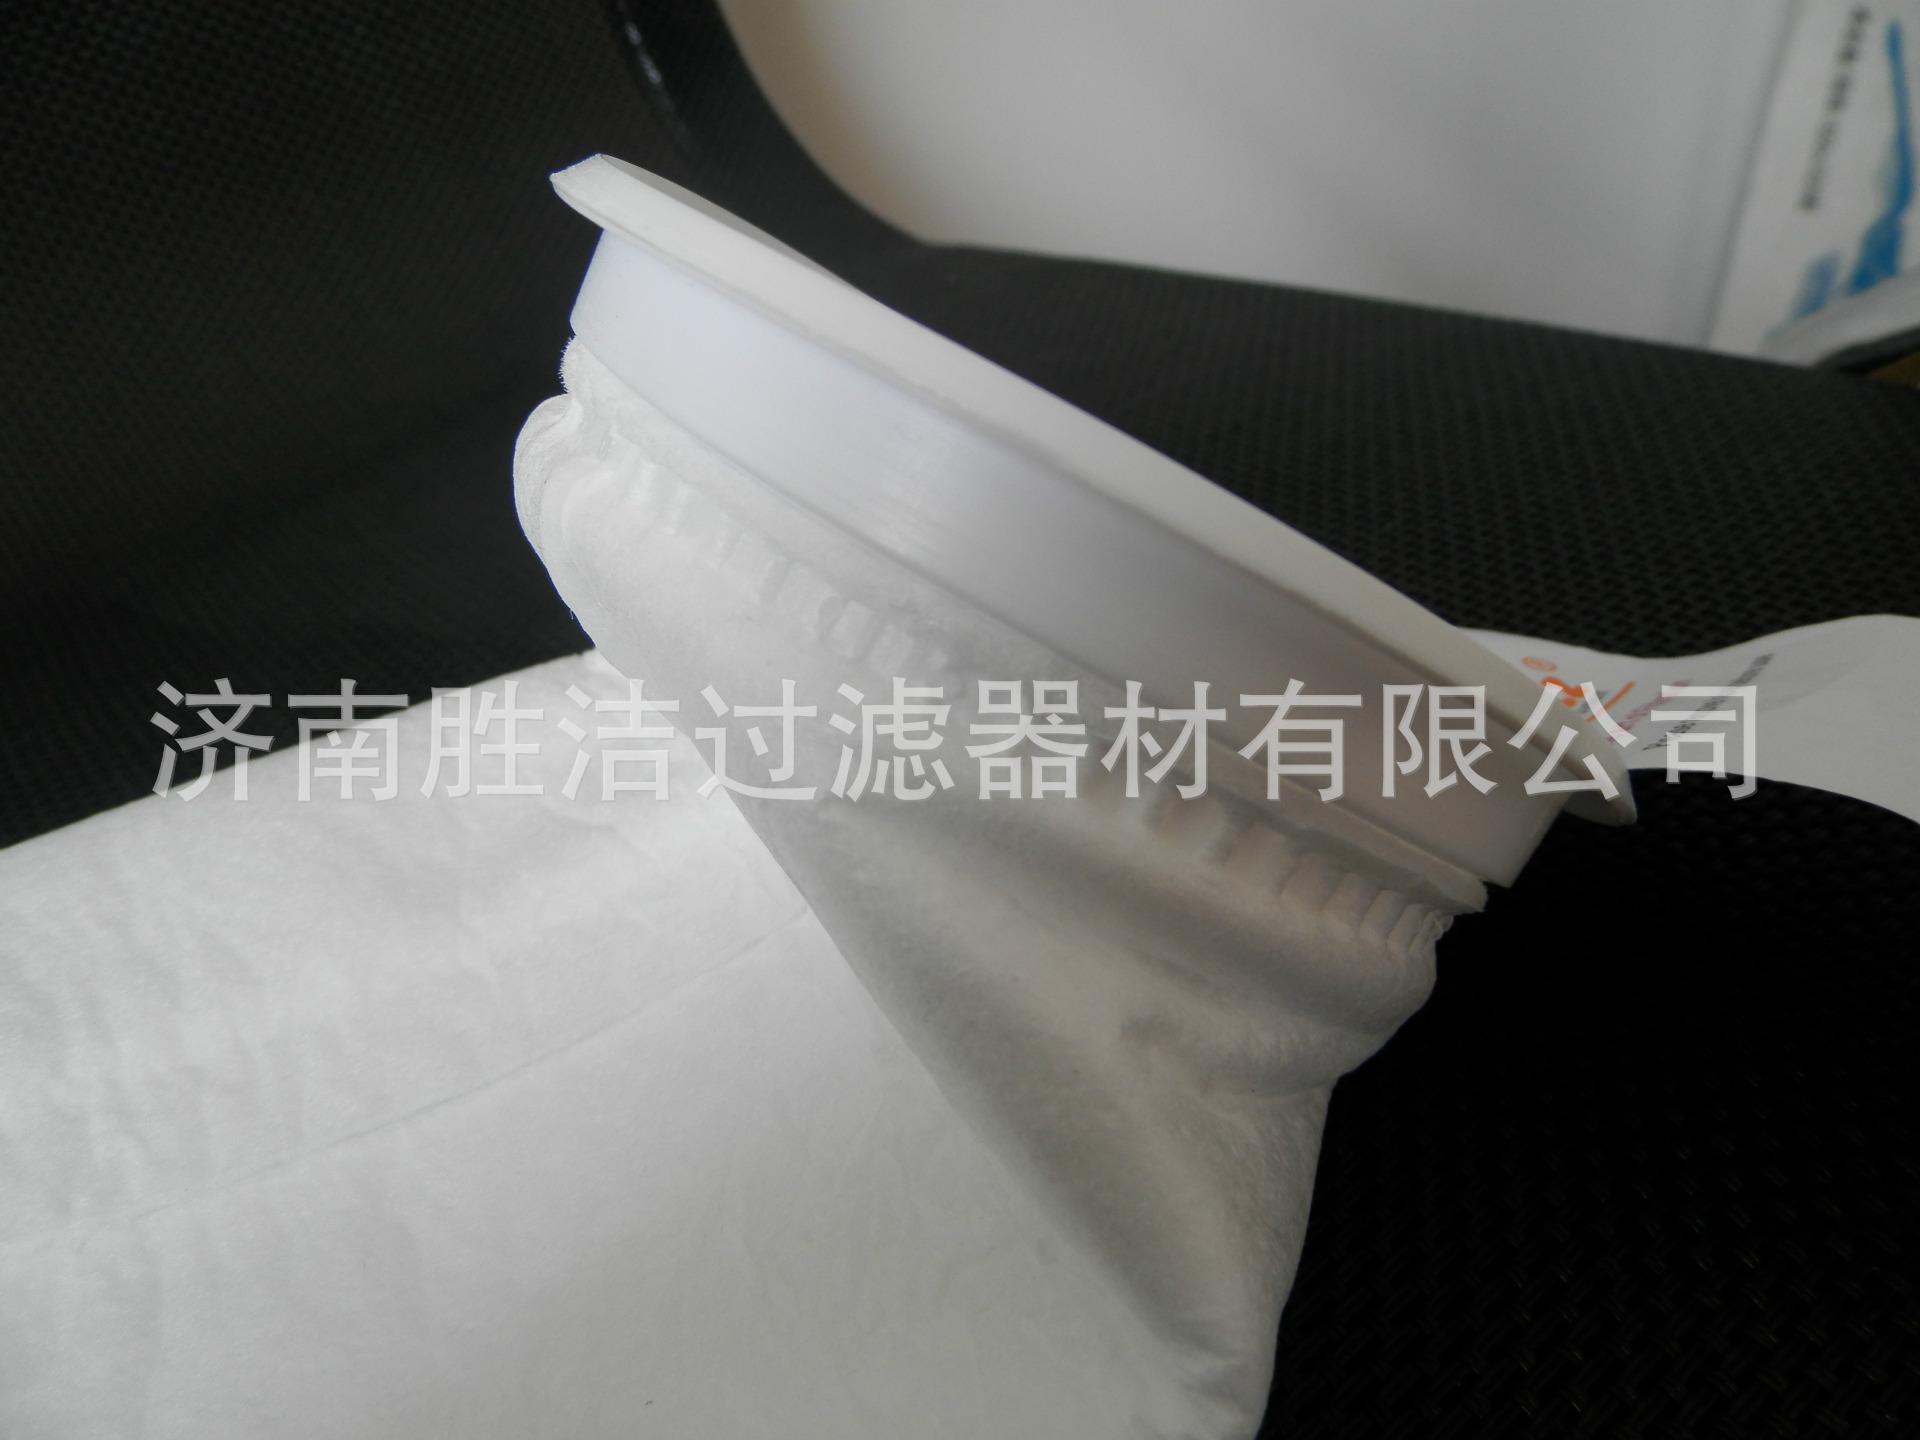 厂价大批量供应 过滤袋 无纺布过滤袋 袋式过滤器配套使用